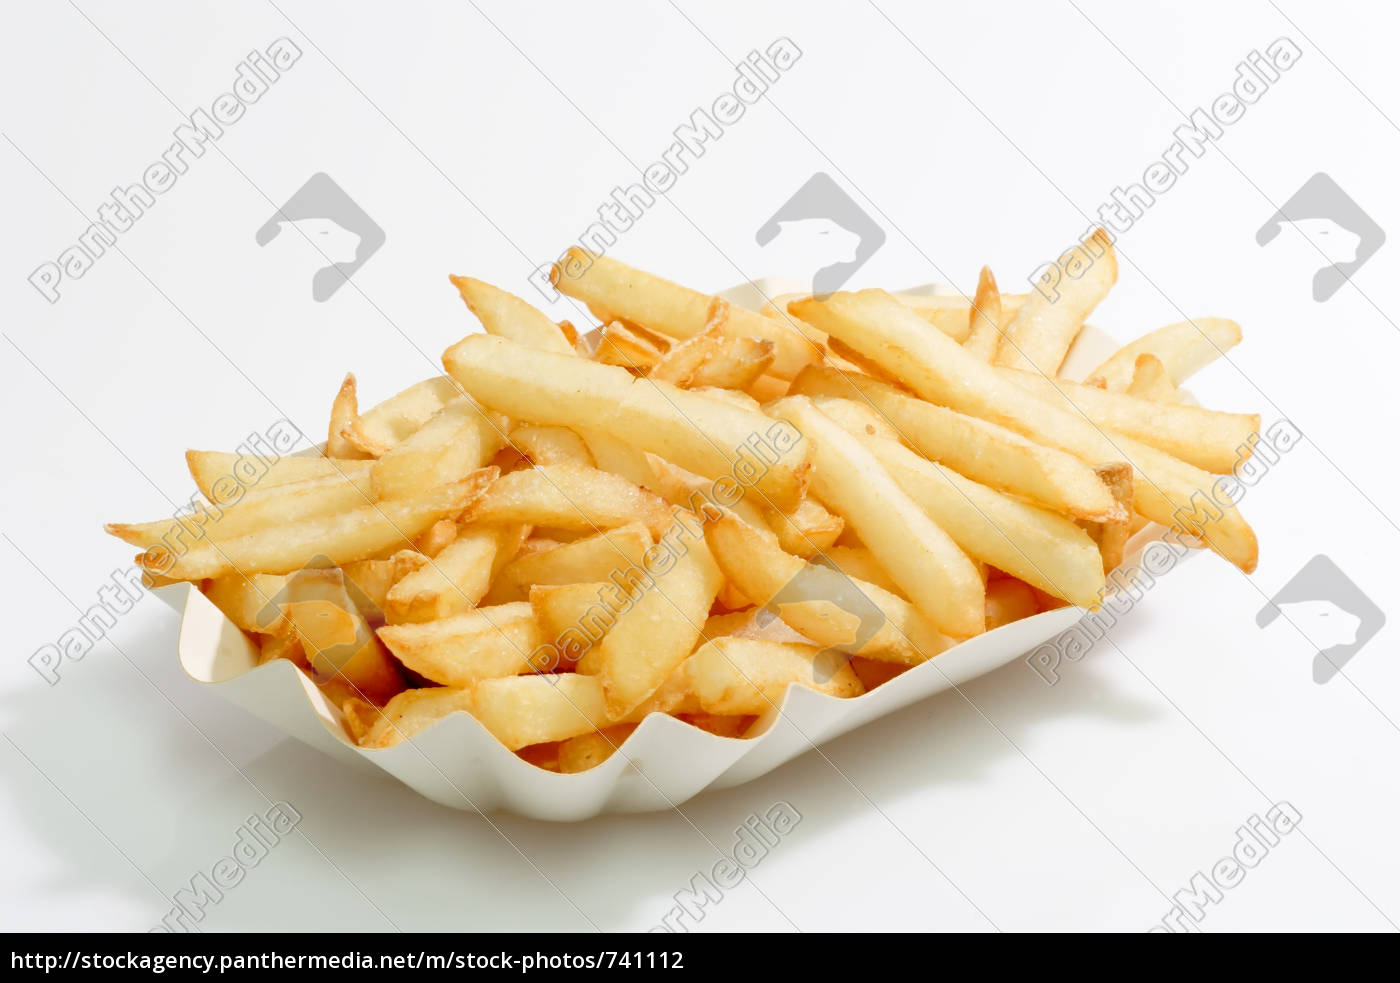 fast, food - 741112